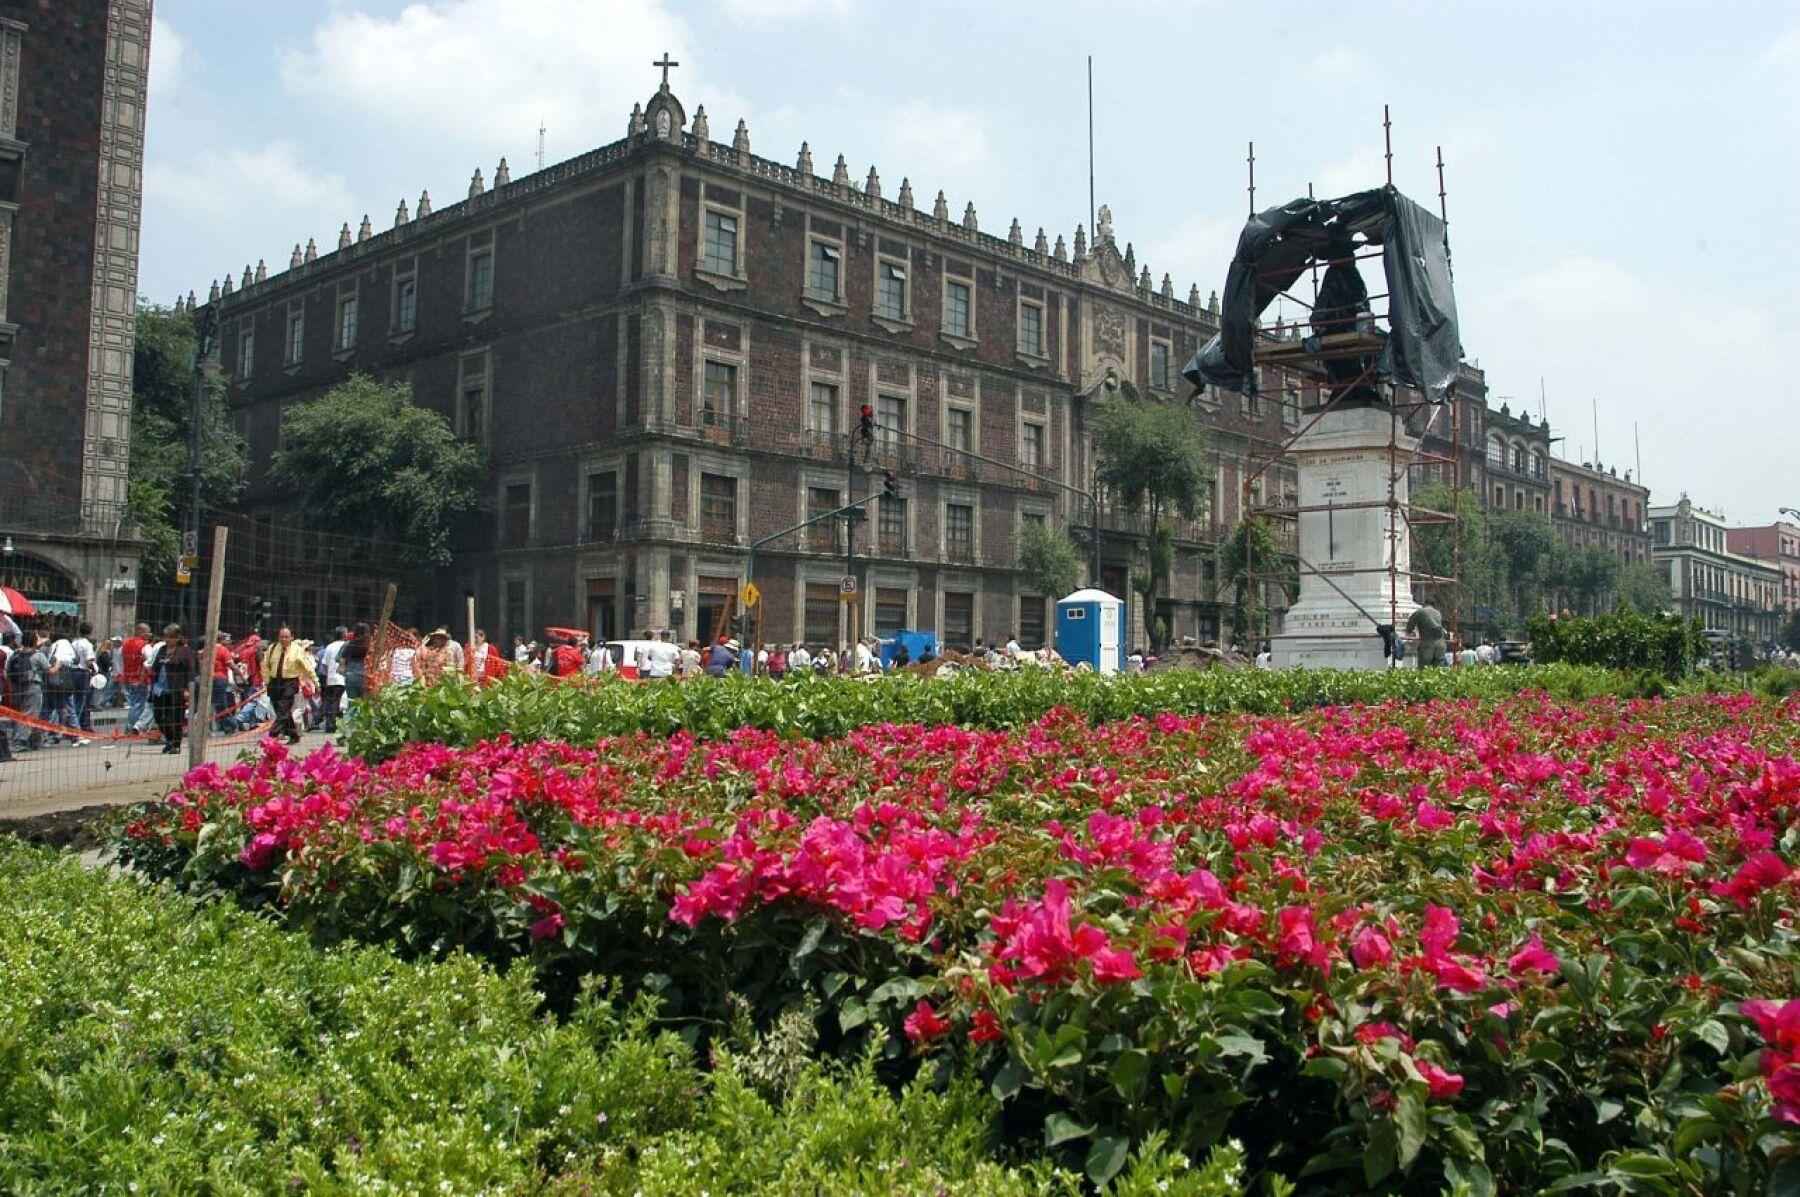 MEXDF 22JUNIO2004.- Las obras de remodelaciòn de la calle Monte de Piedad, estan en la fase final. Seran colocadas decenas de plantas. FOTO: Germàn Romero/CUARTOSCURO.COM